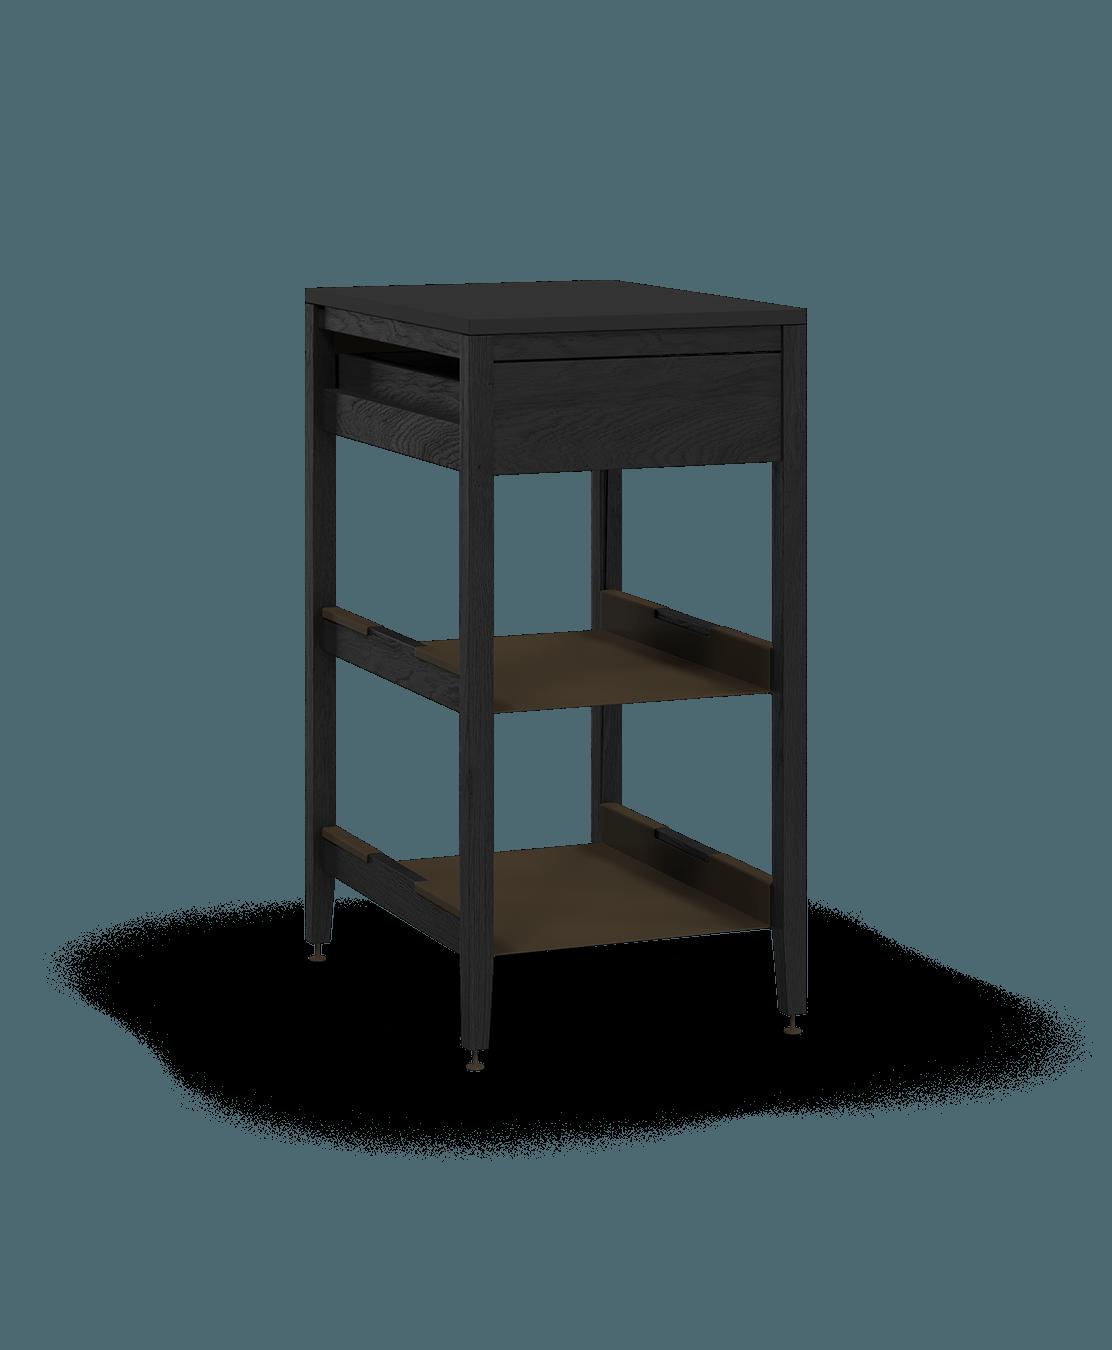 armoire de cuisine modulaire inférieure en bois massif coquo radix avec 2 tablettes 1 tiroir chêne teint noir nuit profonde 18 pouces C1-C-18SB-1021-BK